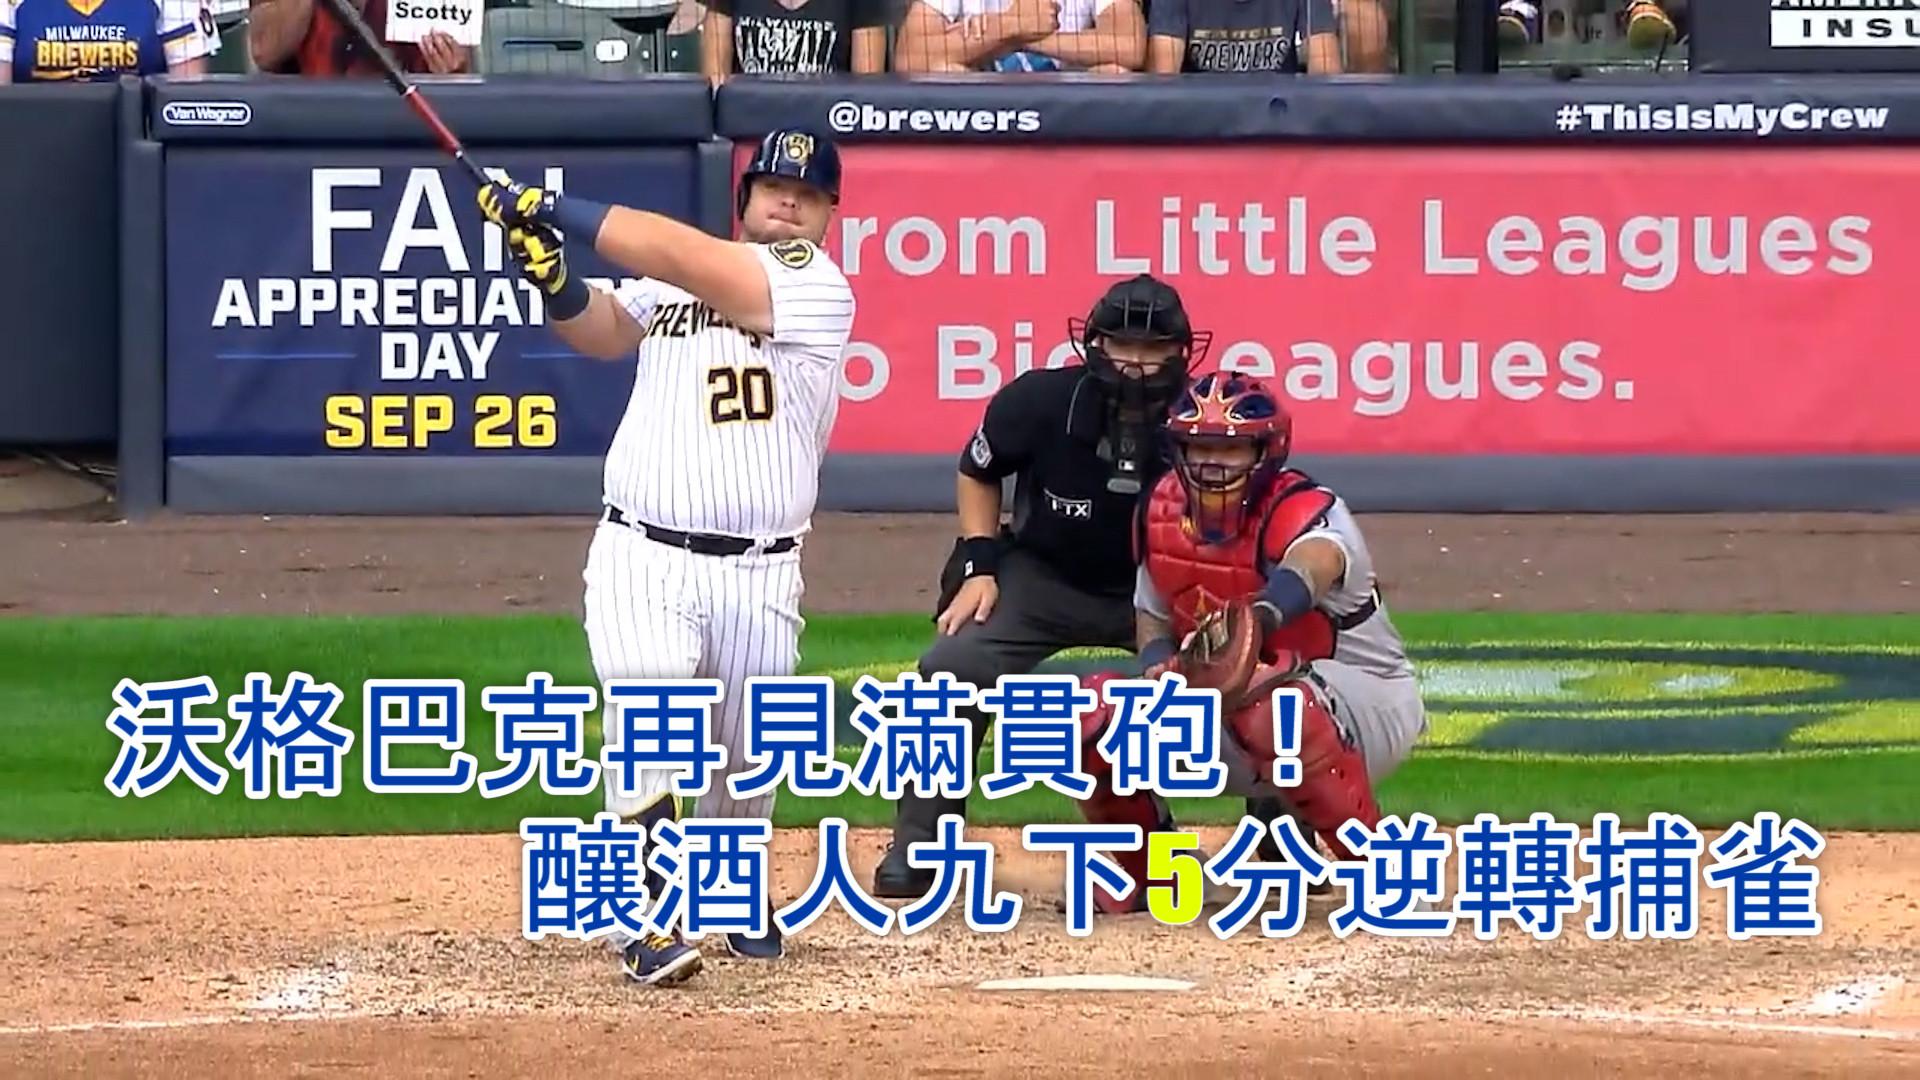 【MLB看愛爾達】沃格巴克再見滿貫彈 釀酒人戲劇性捕雀 09/06